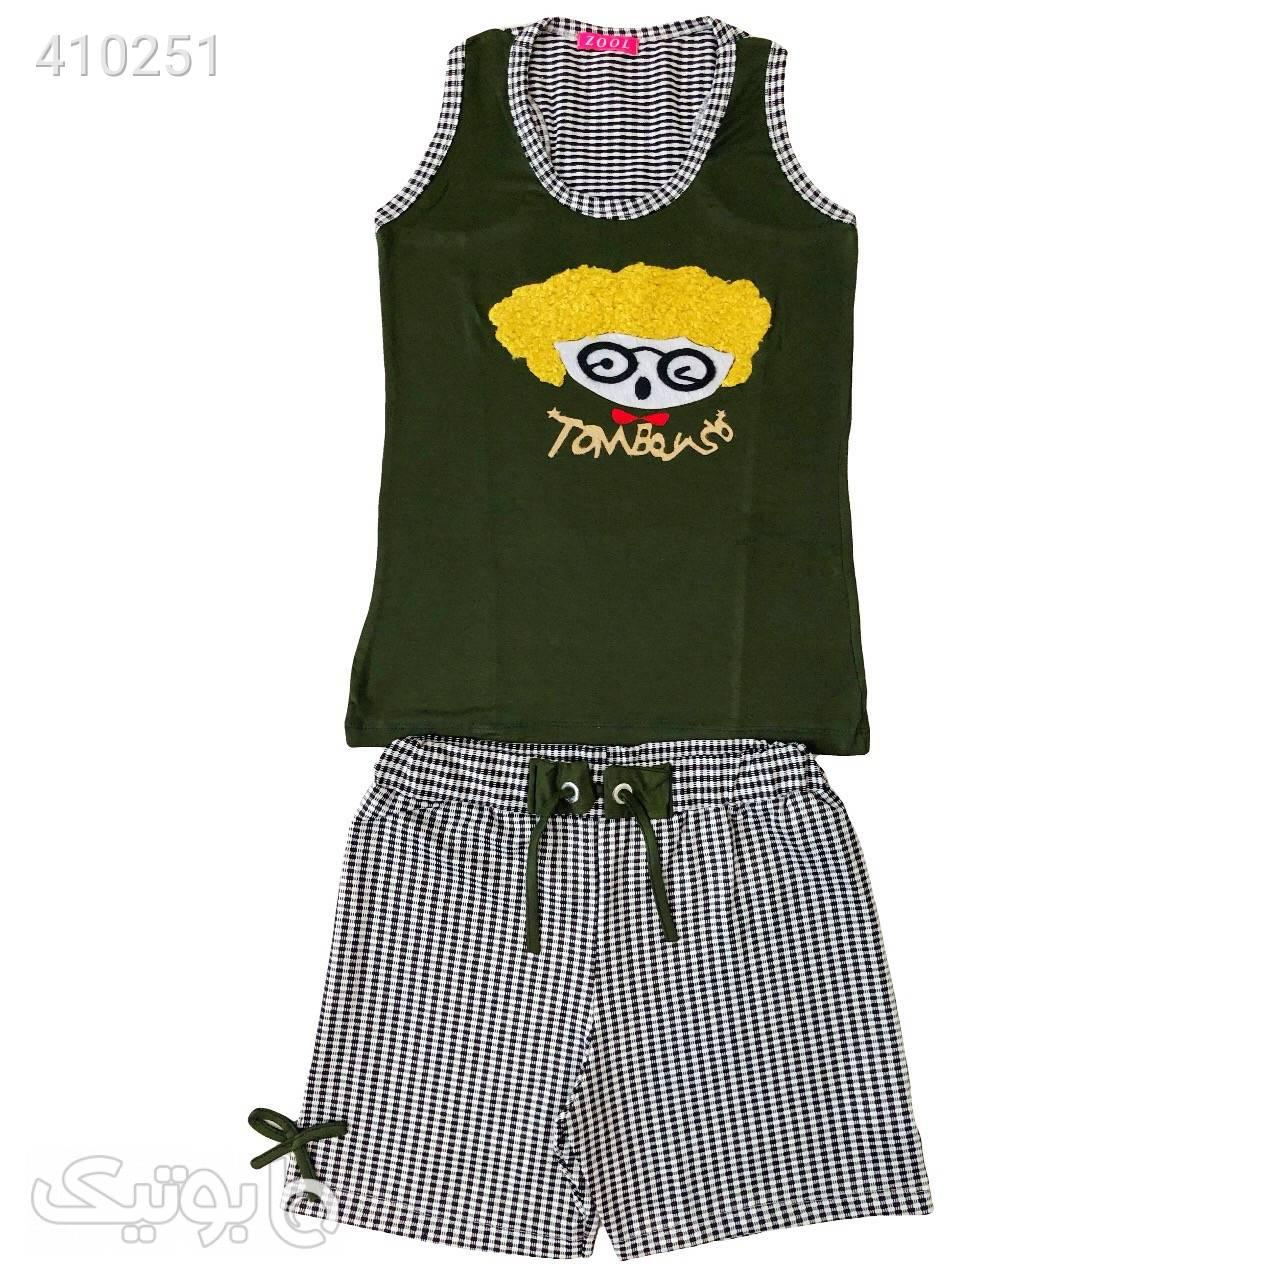 تاپ شورتک سیس تیین سبز یشمی ۳ طوسی لباس راحتی زنانه